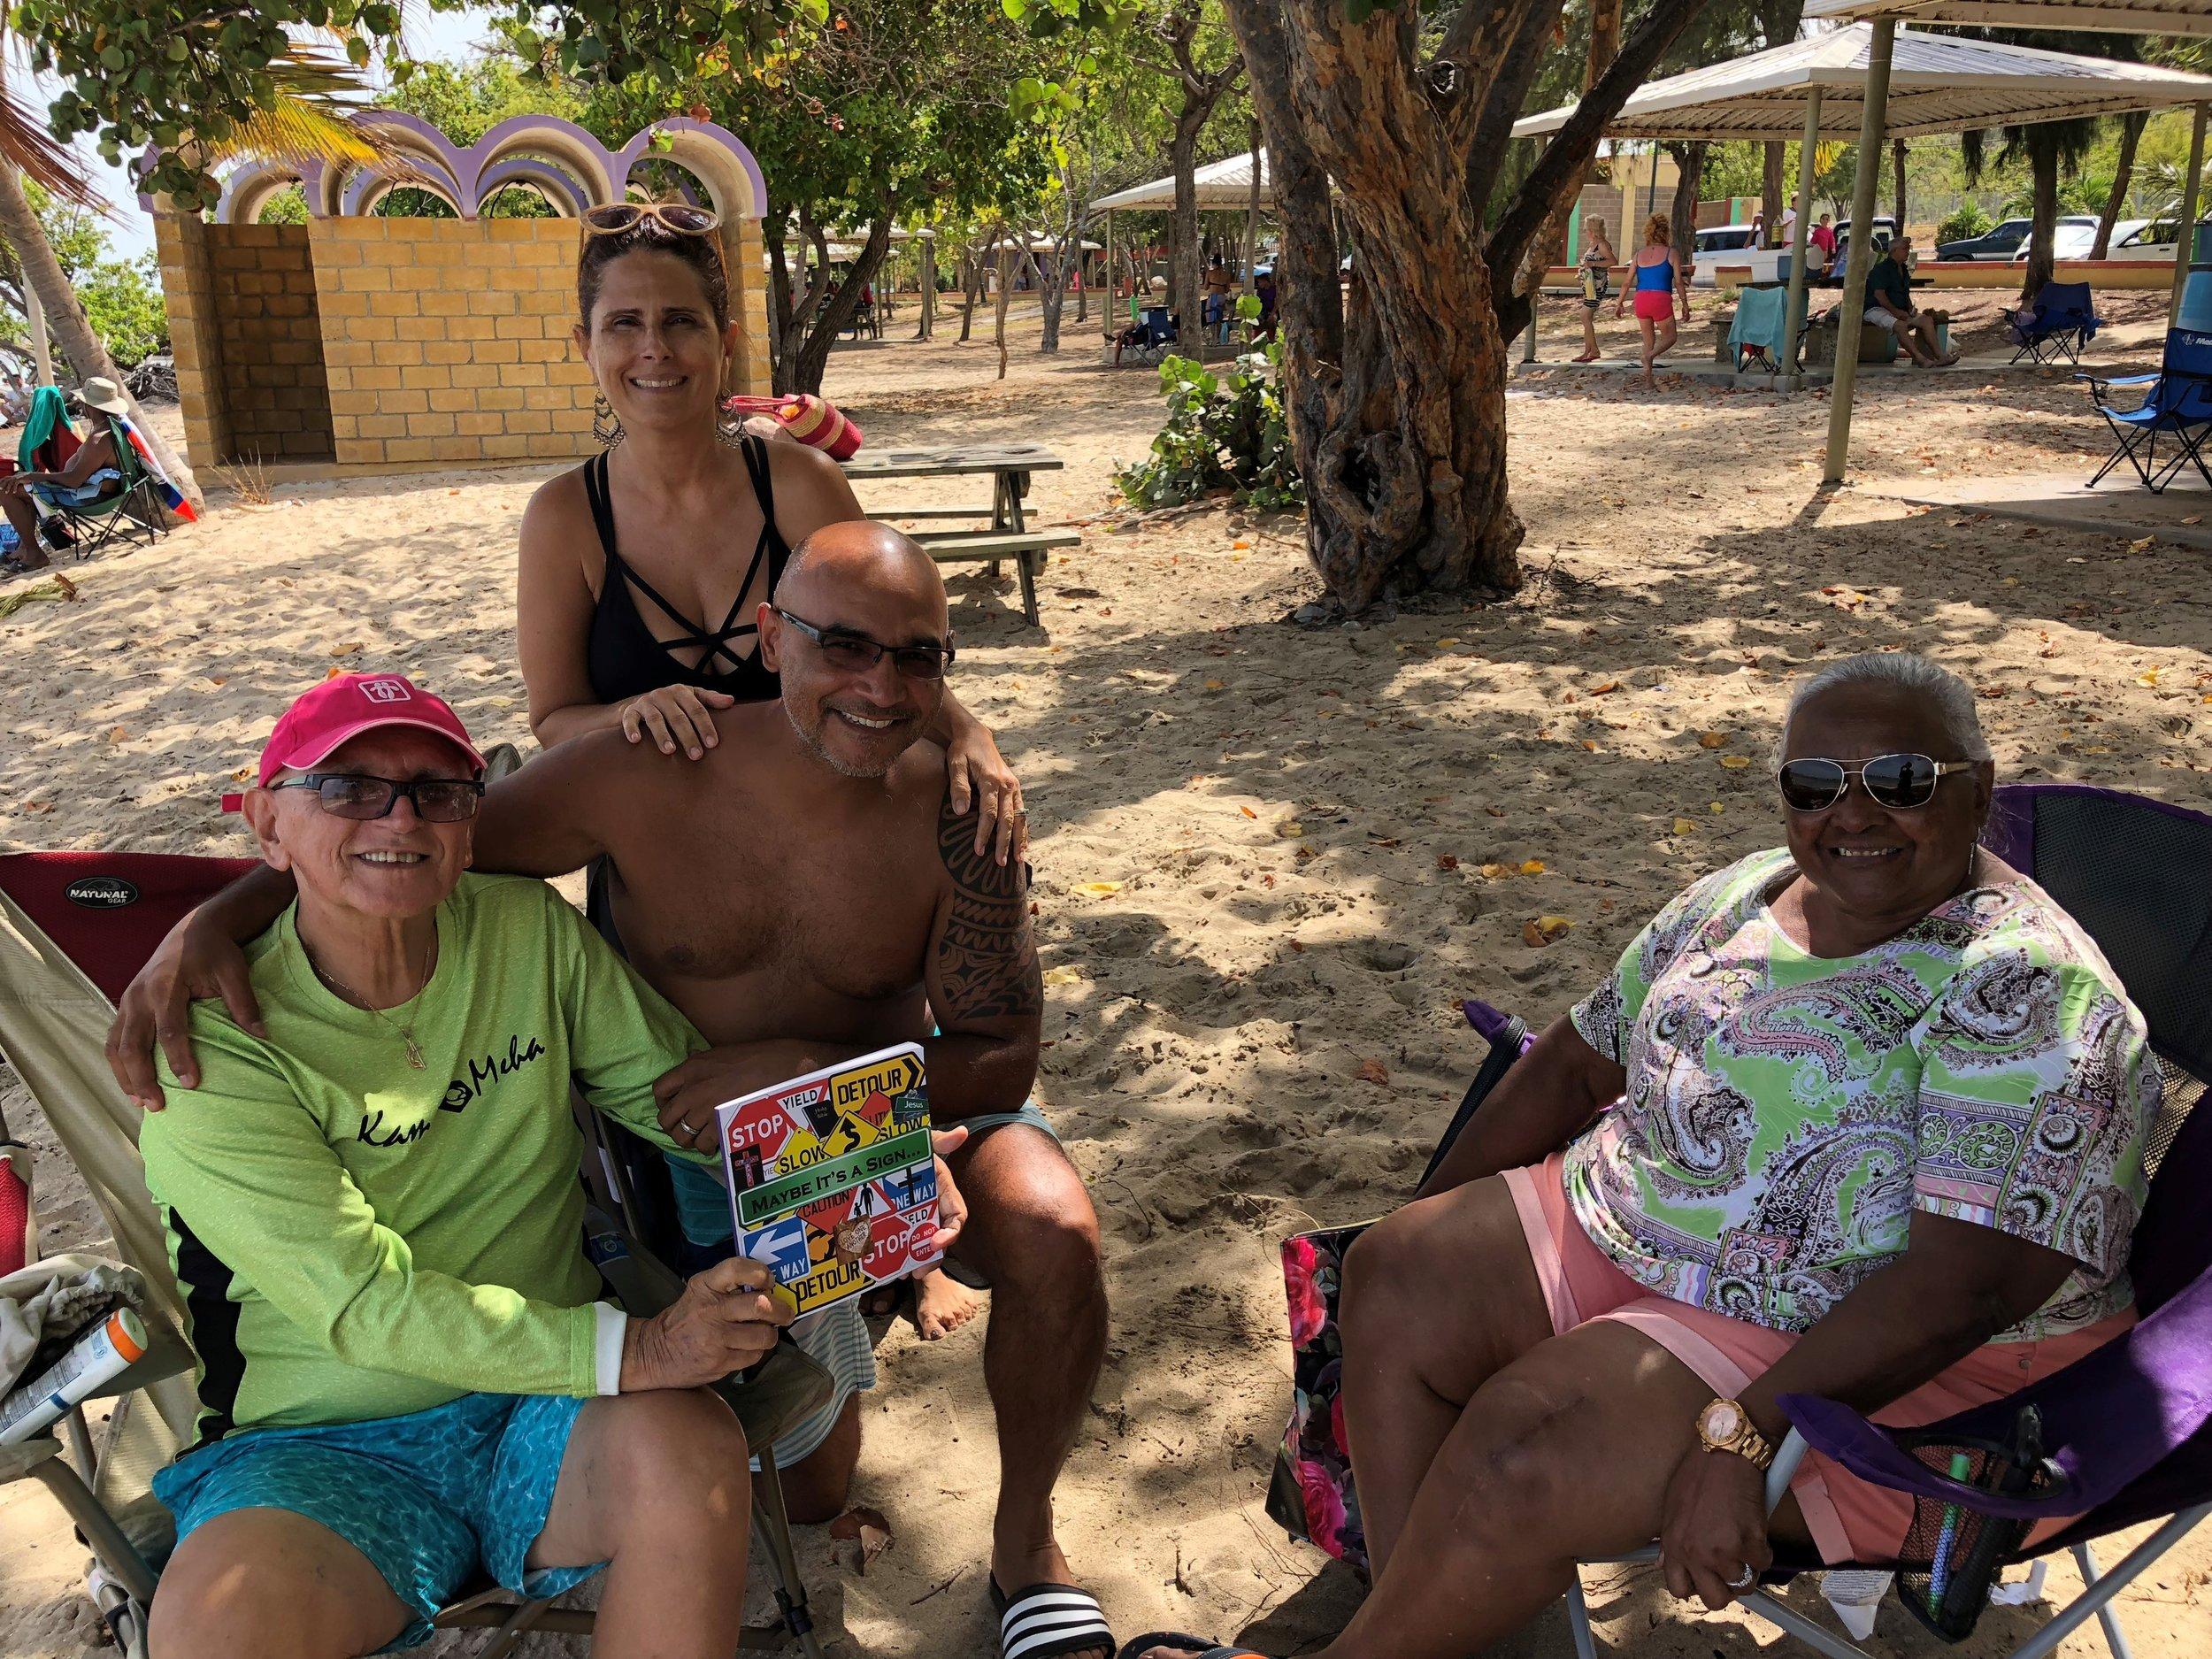 puertoricanbookpic.jpg